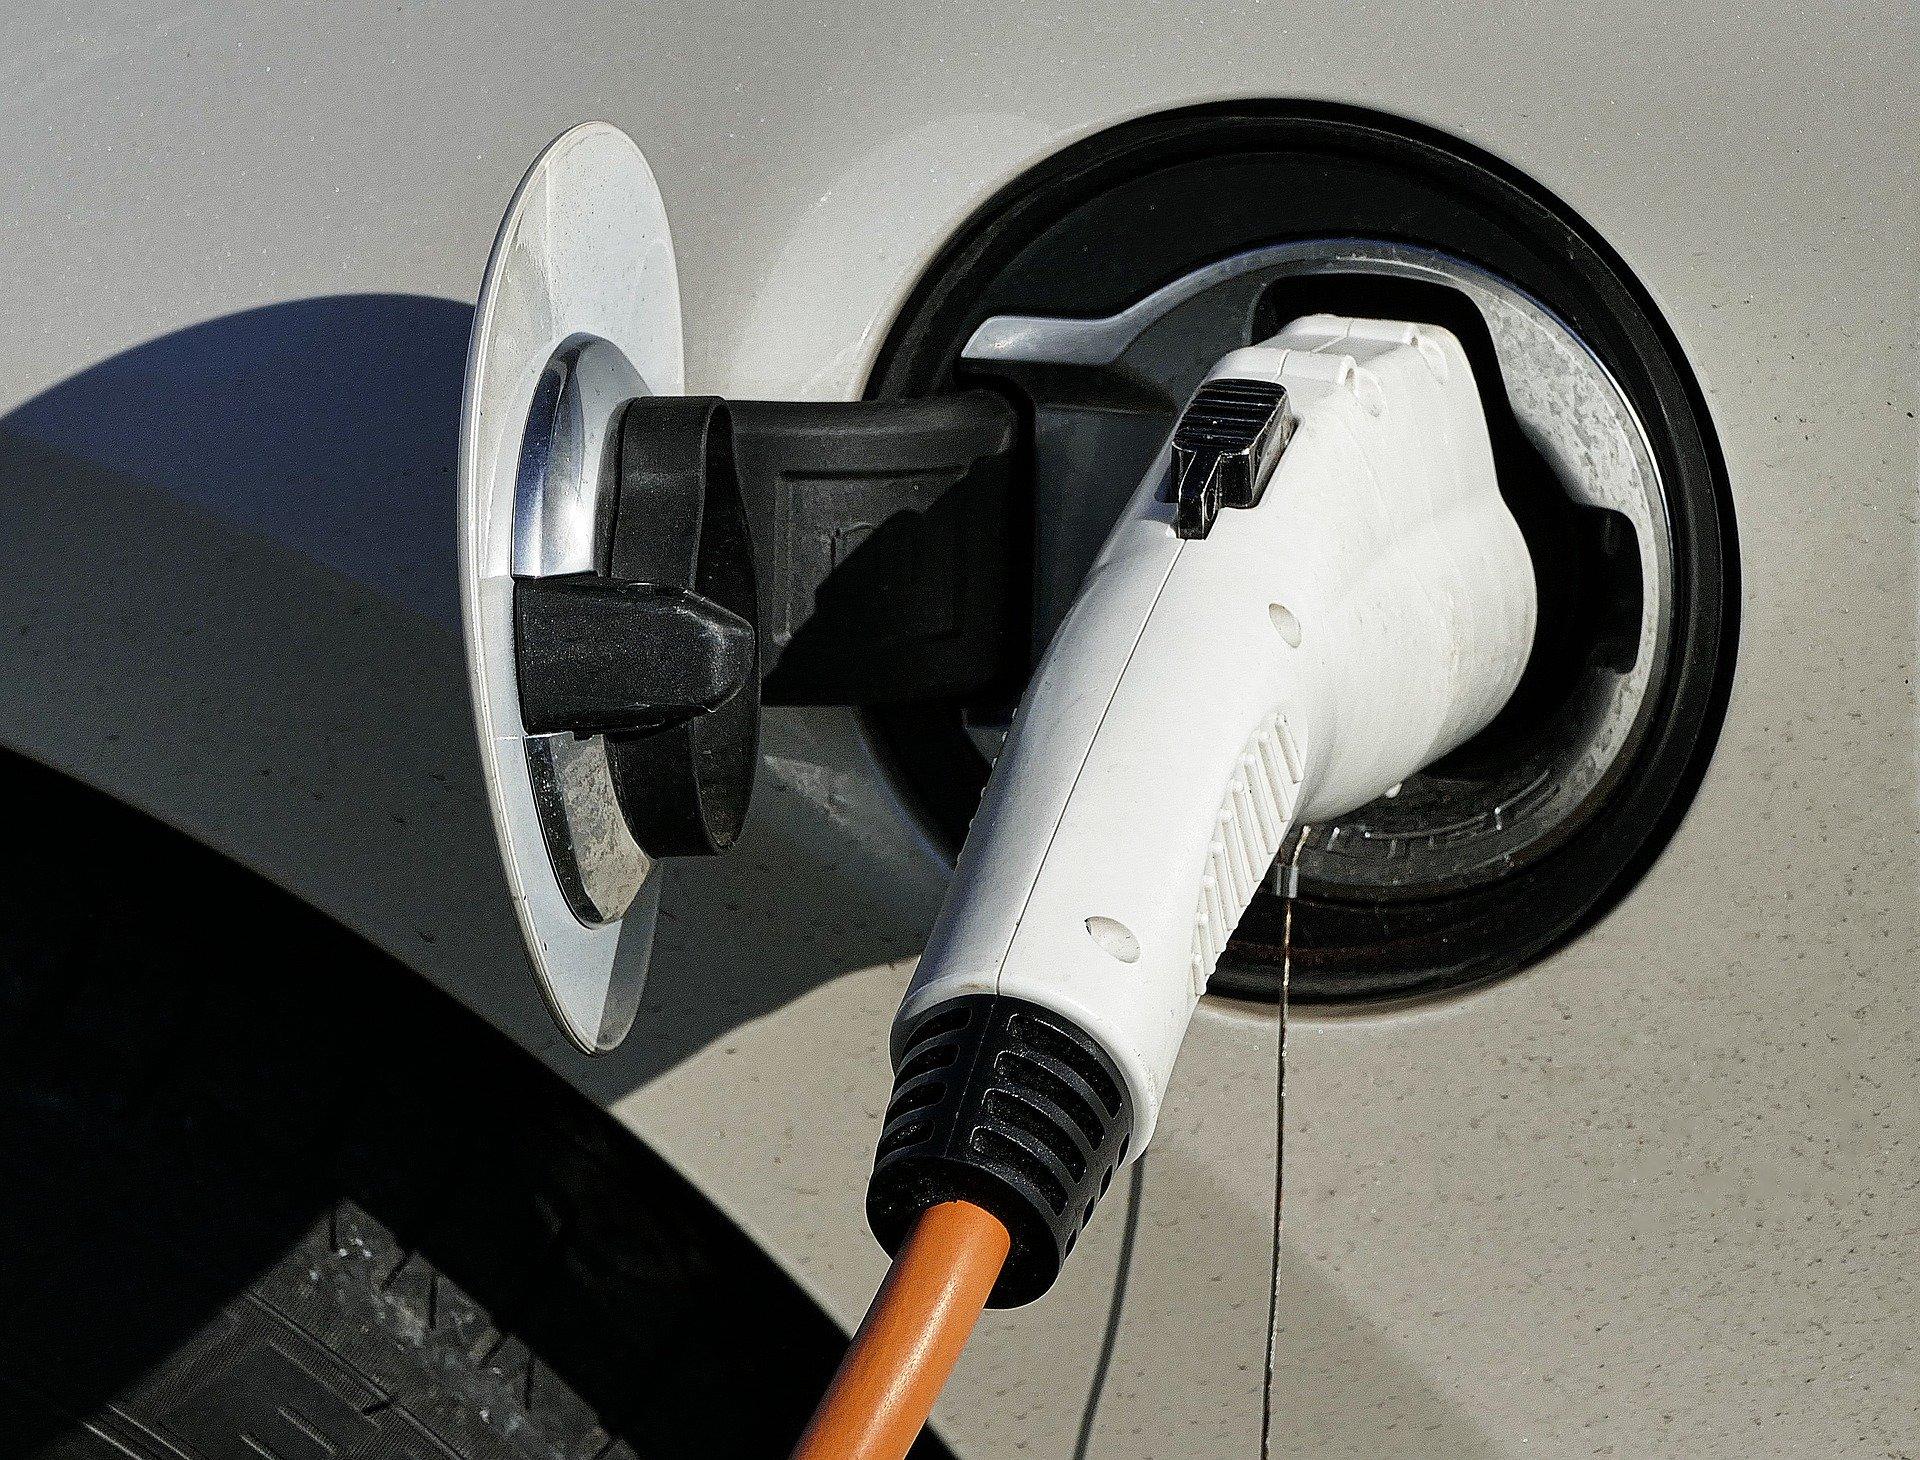 Neuzulassungen auf EU-Automarkt halbiert – Elektroautos boomen